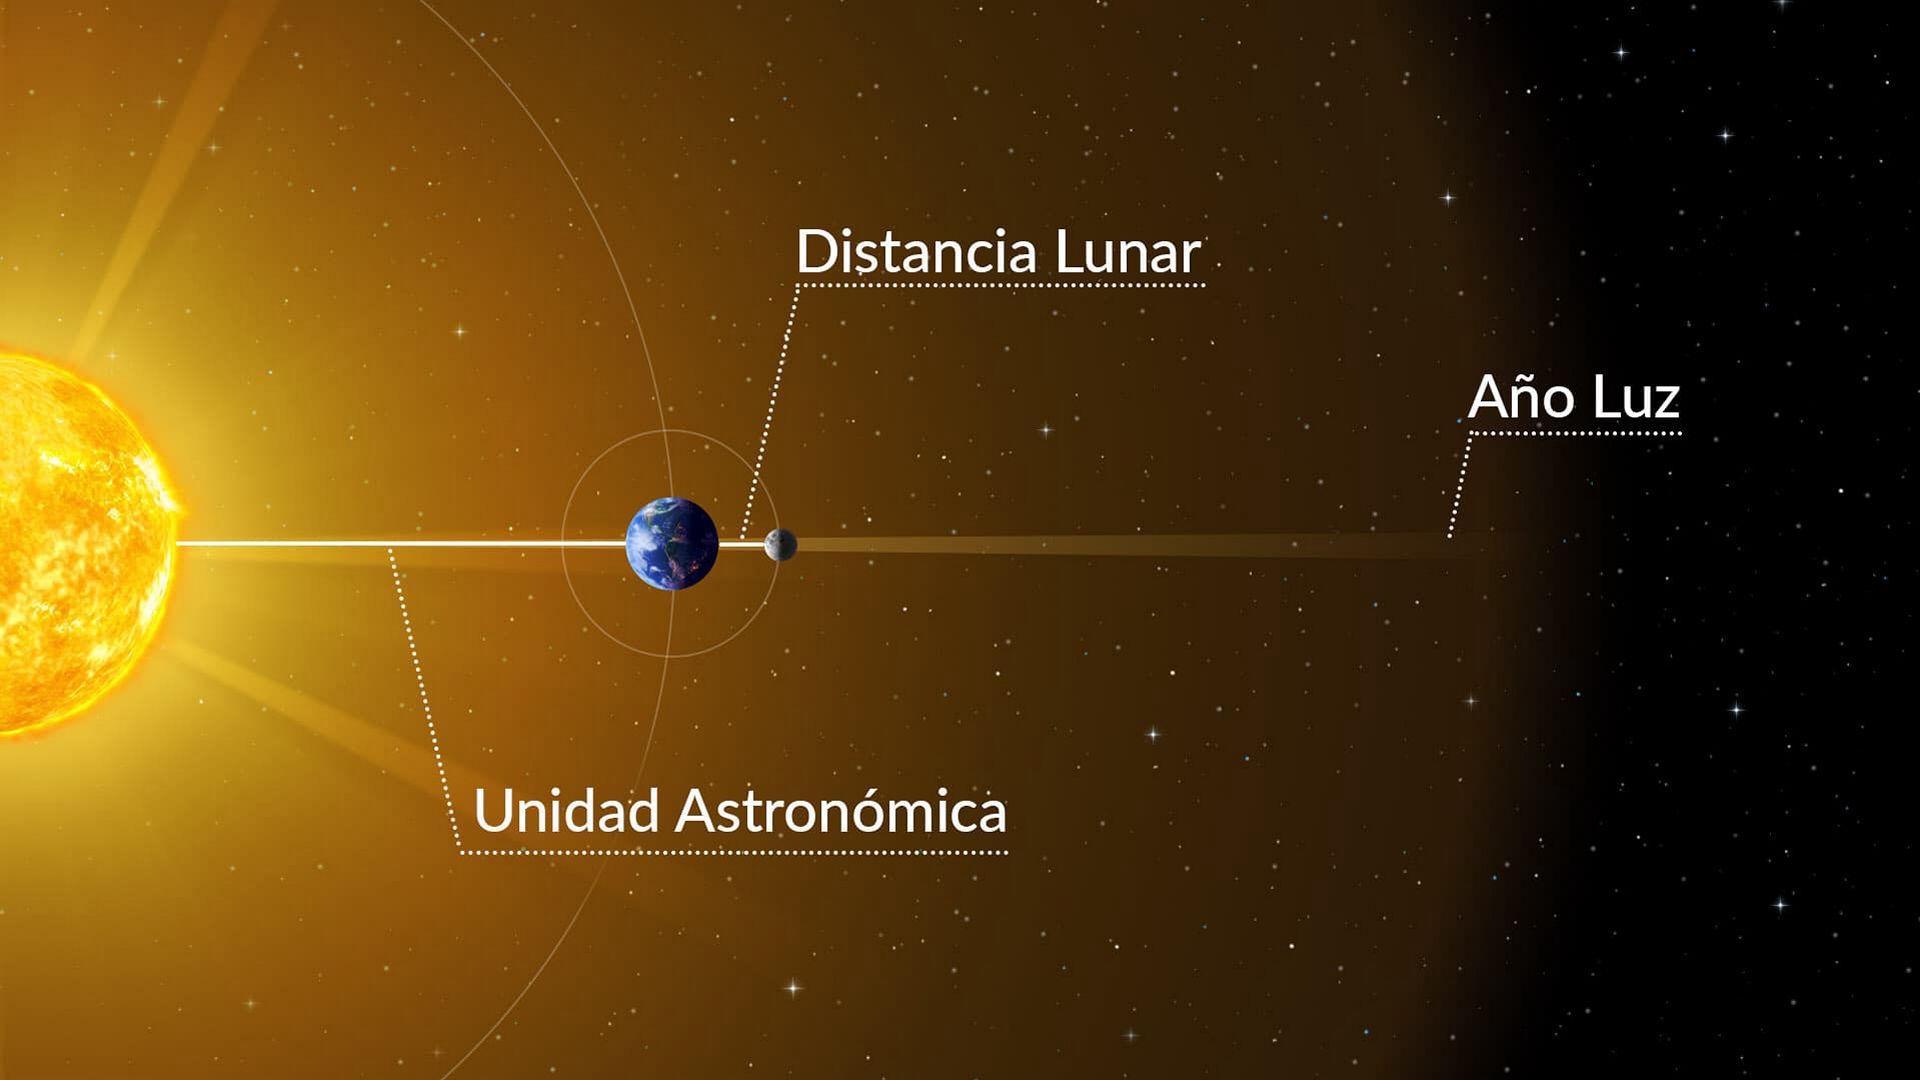 ¿Qué es más grande: DL, UA o año luz?